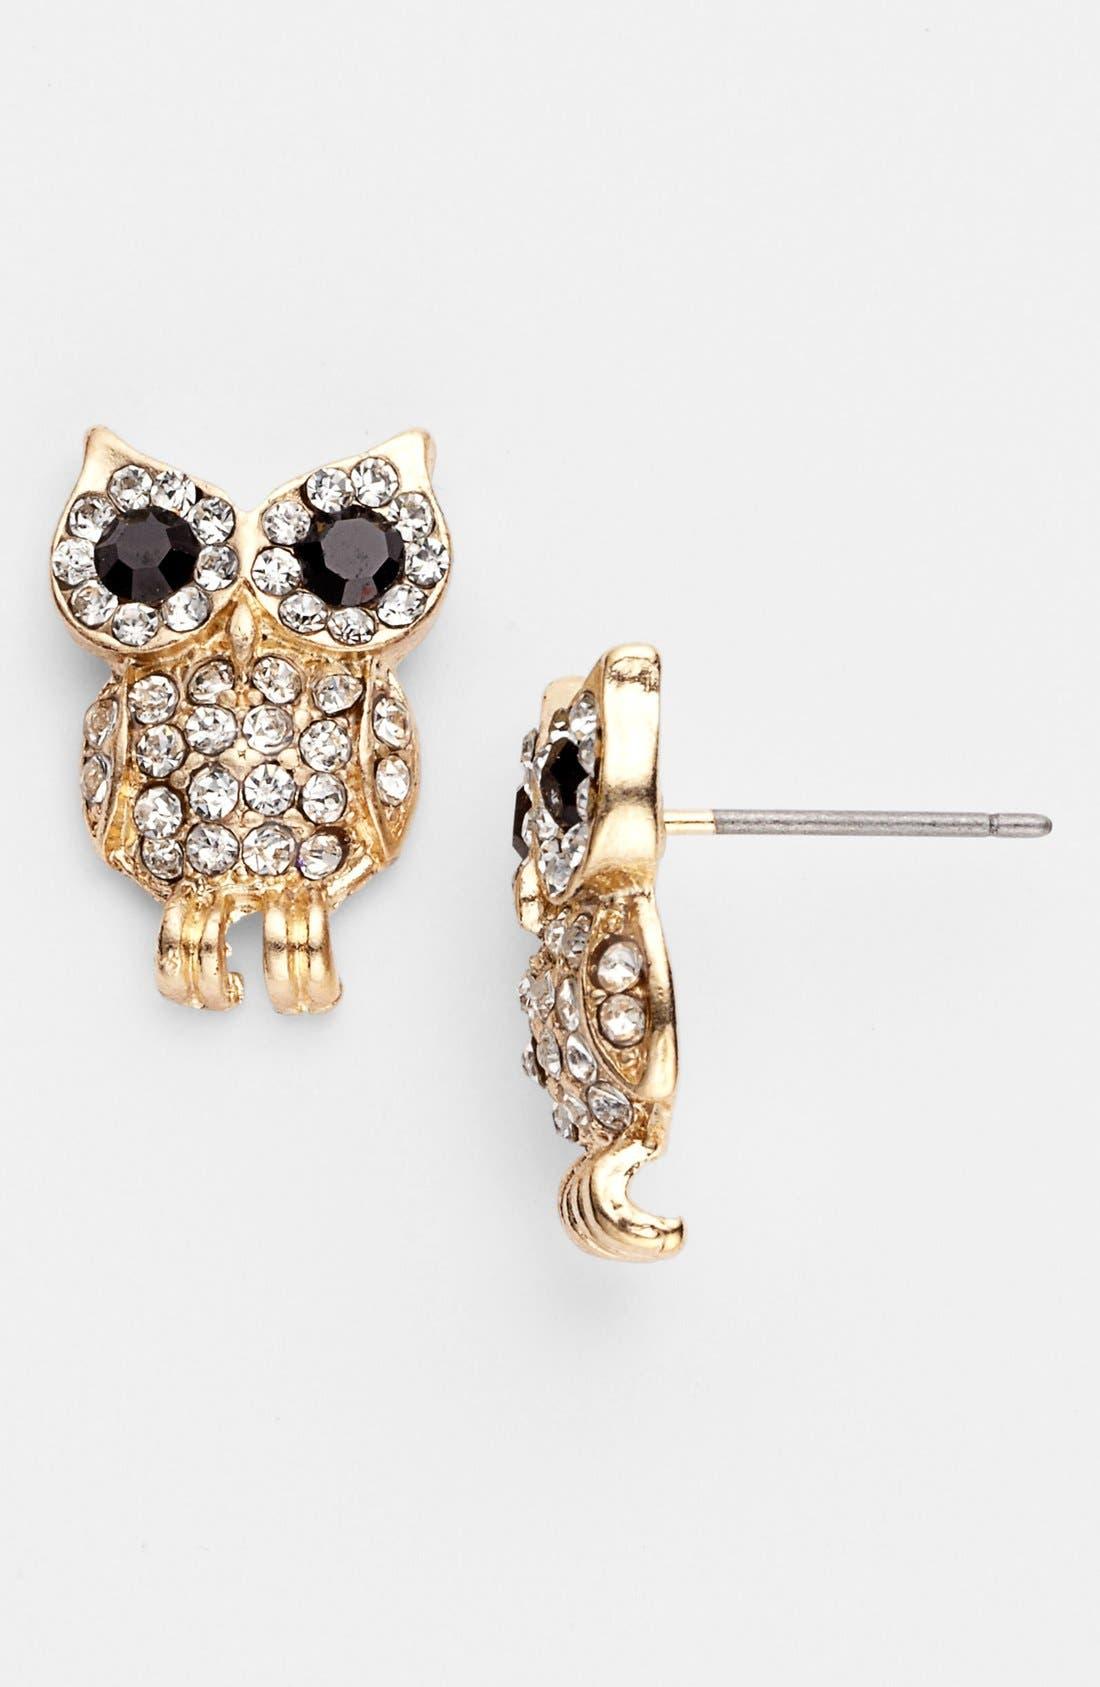 Main Image - Cara Couture 'Owl' Earrings